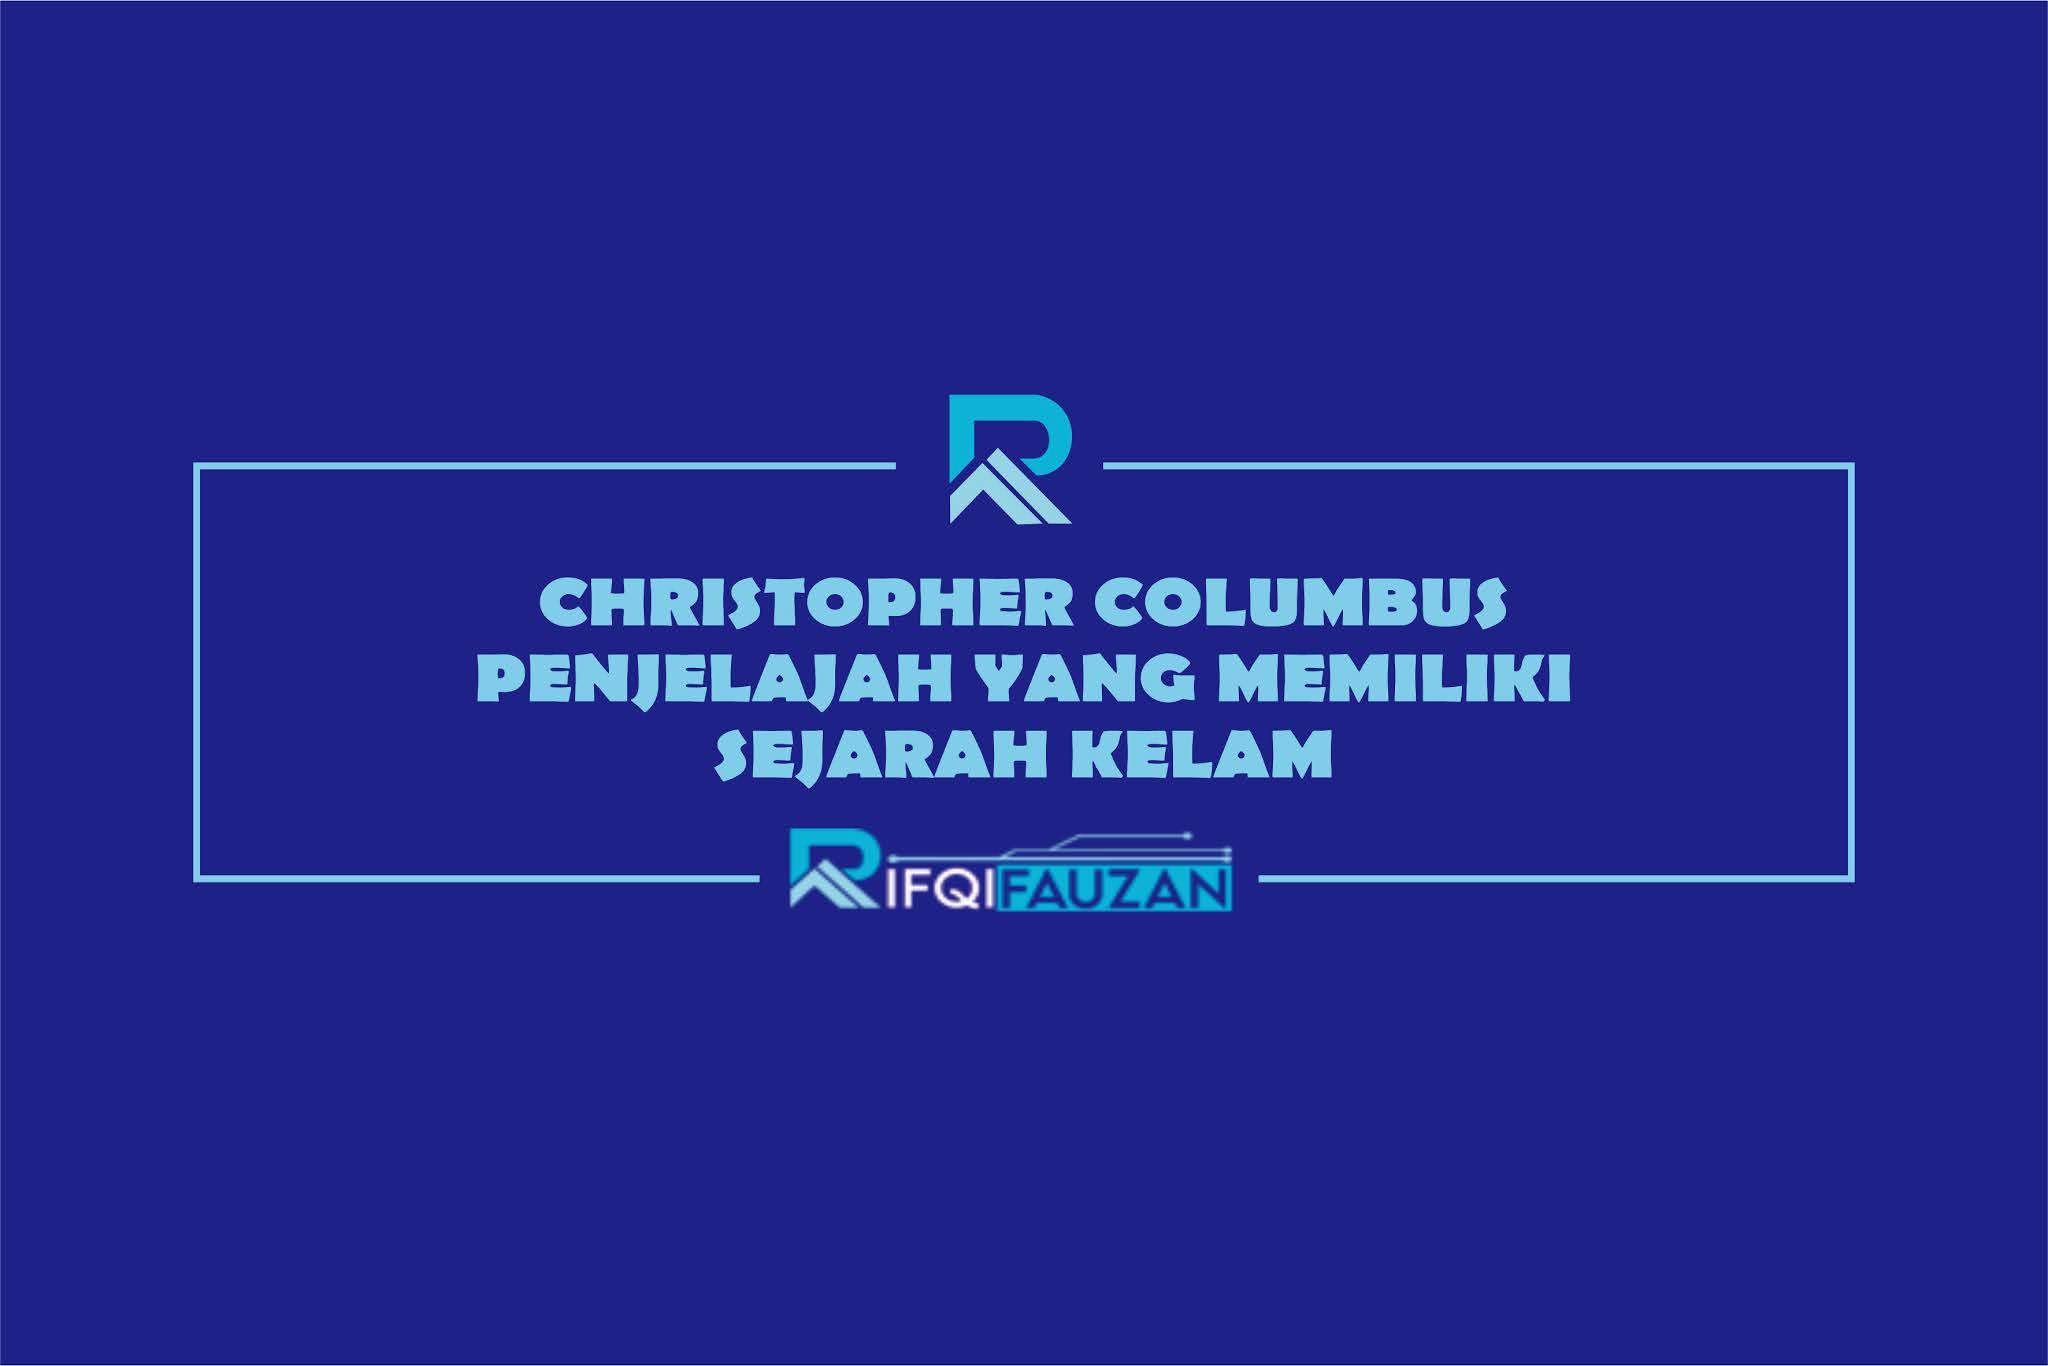 CHRISTOPHER COLUMBUS PENJELAJAH YANG MEMILIKI SEJARAH KELAM